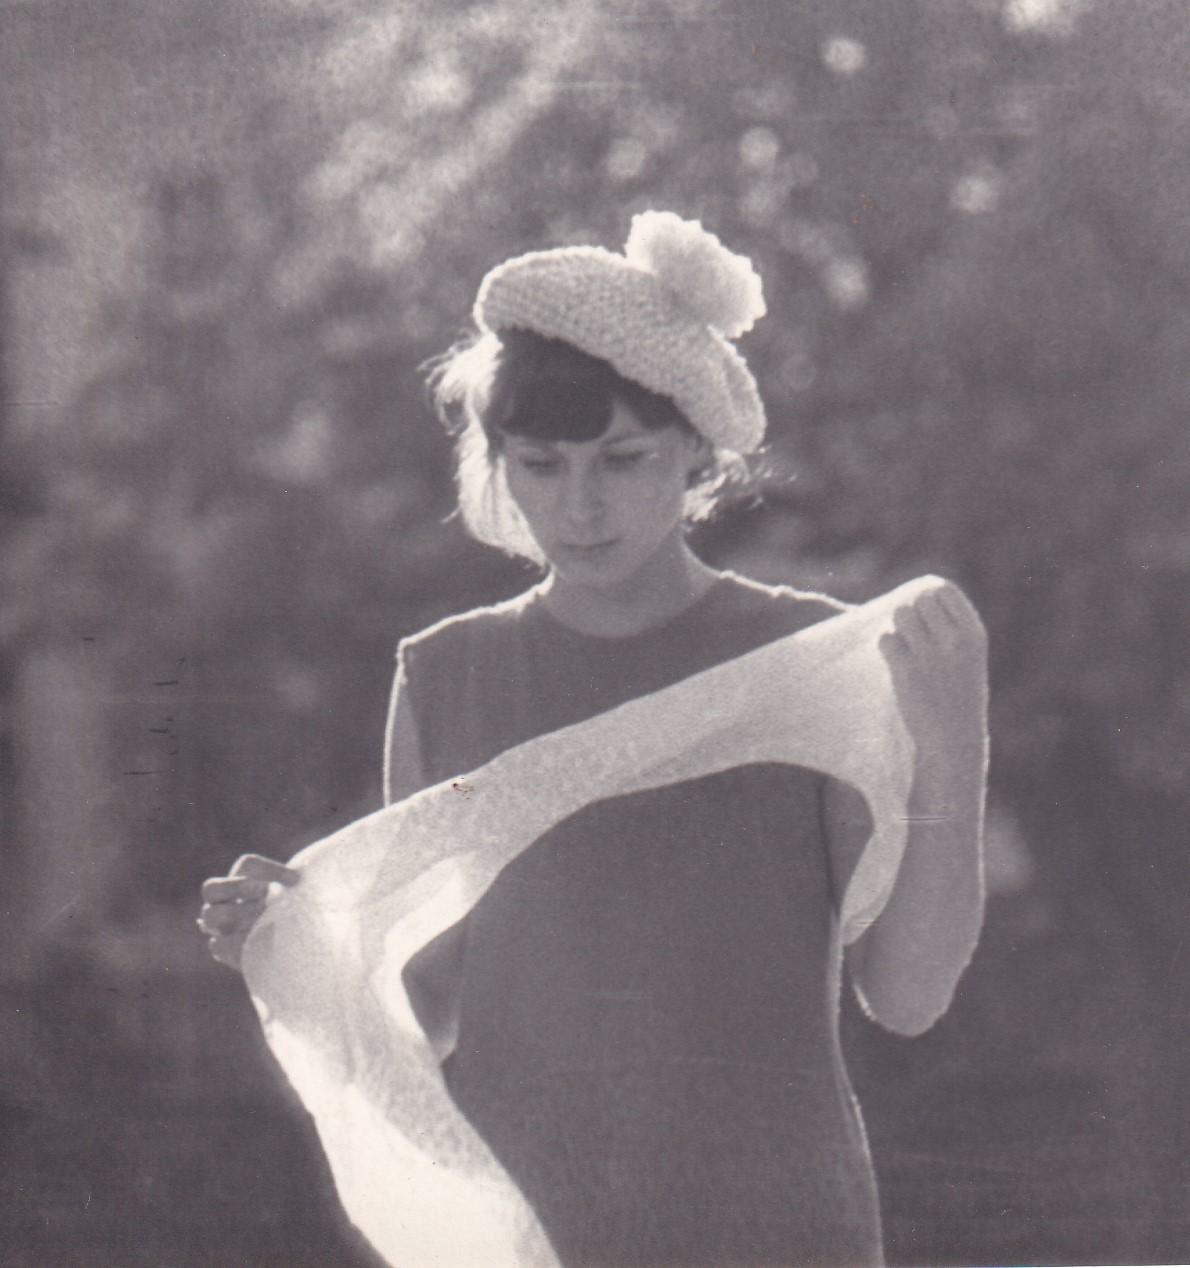 Csont Istvánné, Kézai Simon Program-Fiatal nő kalapban, sállal a kezében, Eger, 1960-1965 közt